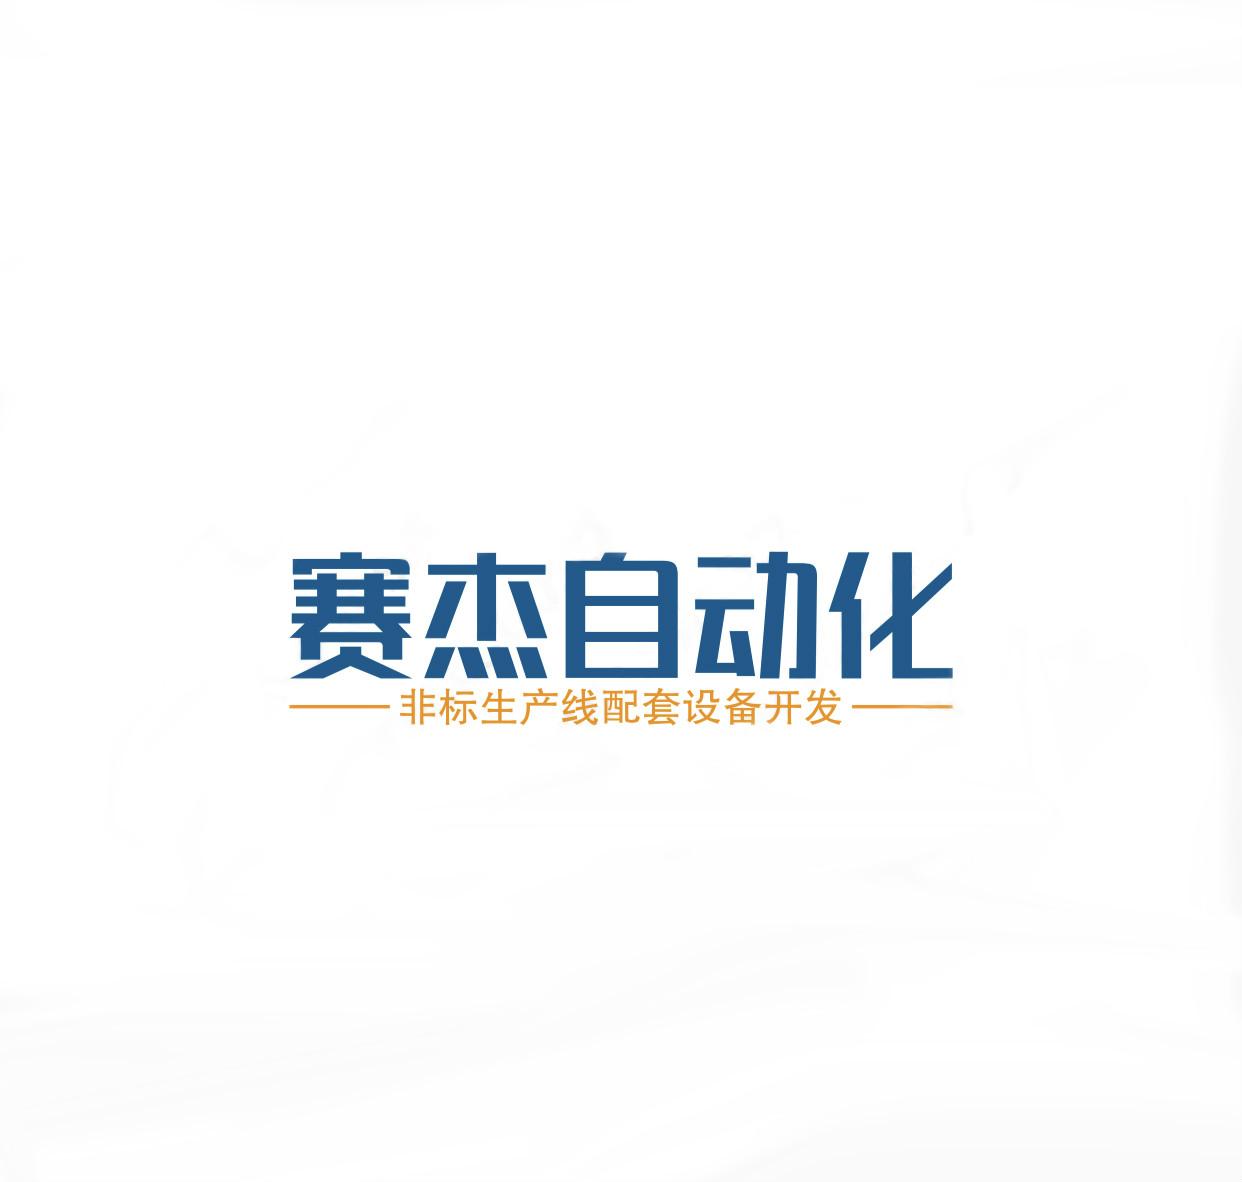 宁波赛杰自动化设备有限公司